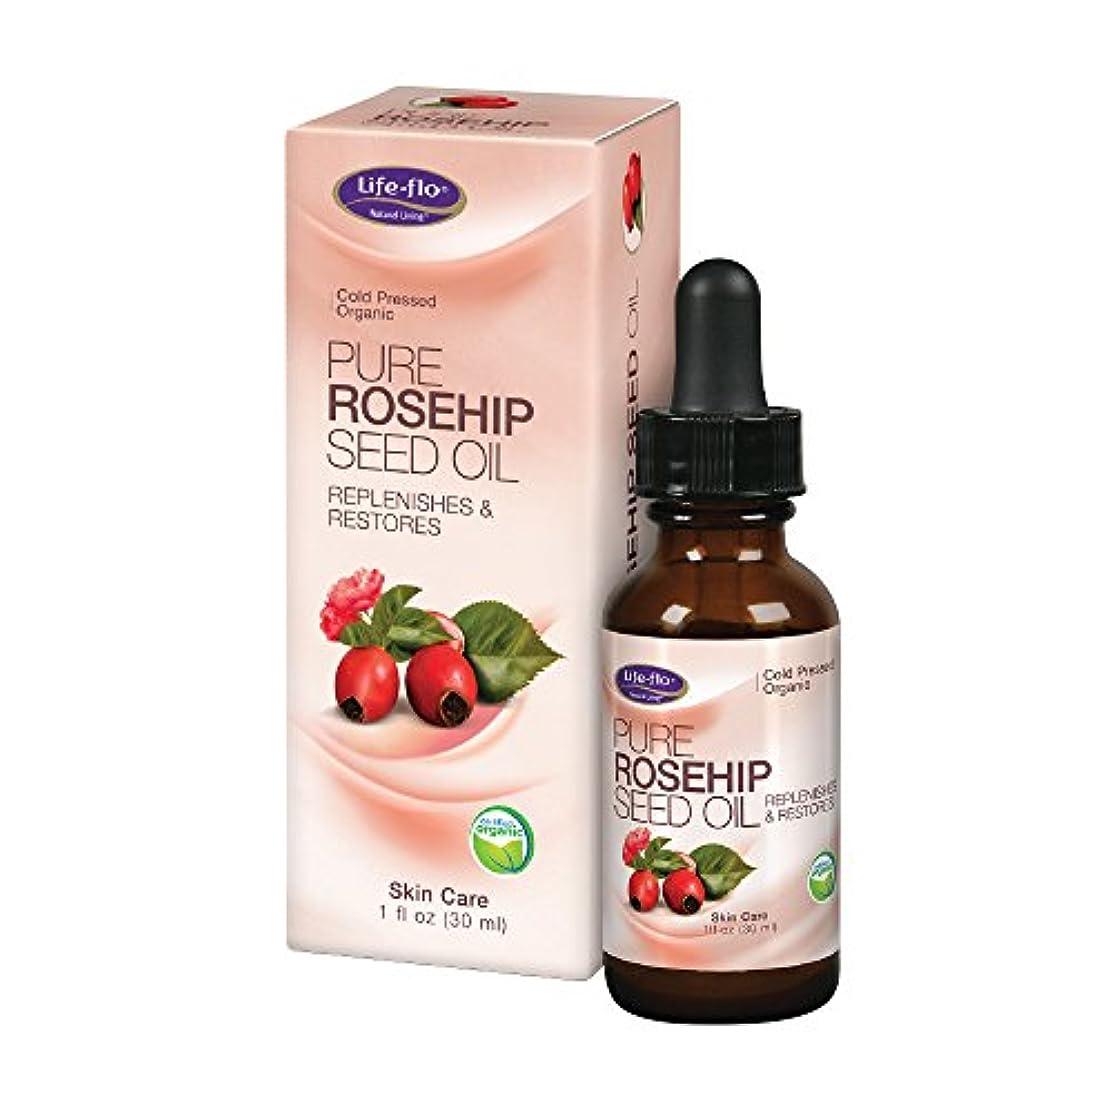 バレーボール小石亡命海外直送品 Life-Flo Pure Rosehip Seed Oil, 1 oz